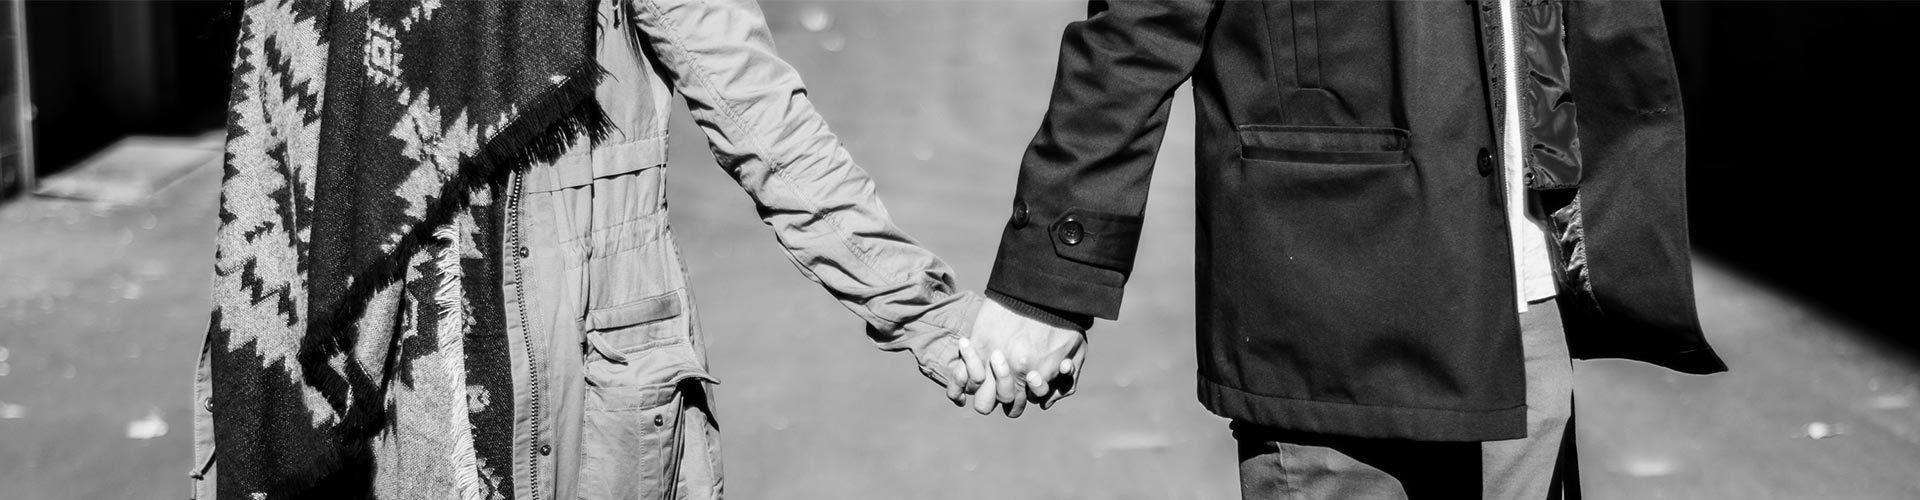 advocaat bij echtscheiding